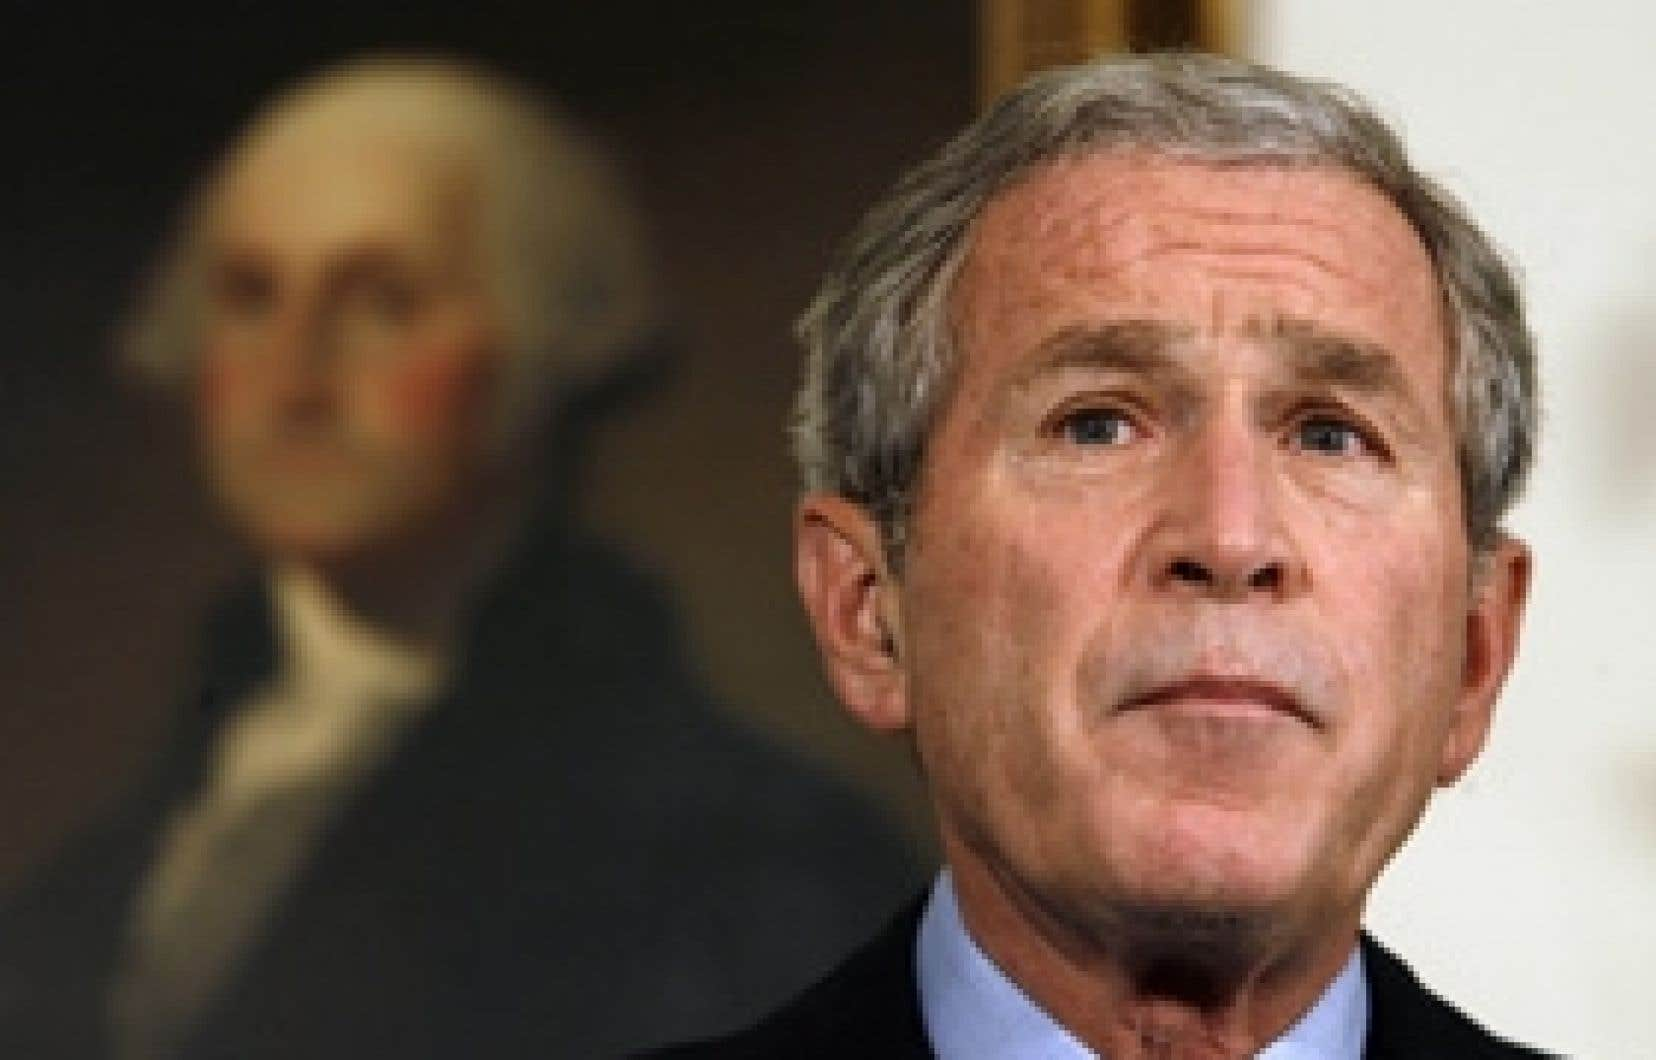 Le président américain, George W. Bush, a pris la parole hier à la Maison-Blanche avant l'ouverture des marchés. Il compte toujours sur l'adoption rapide d'un plan de sauvetage financier.